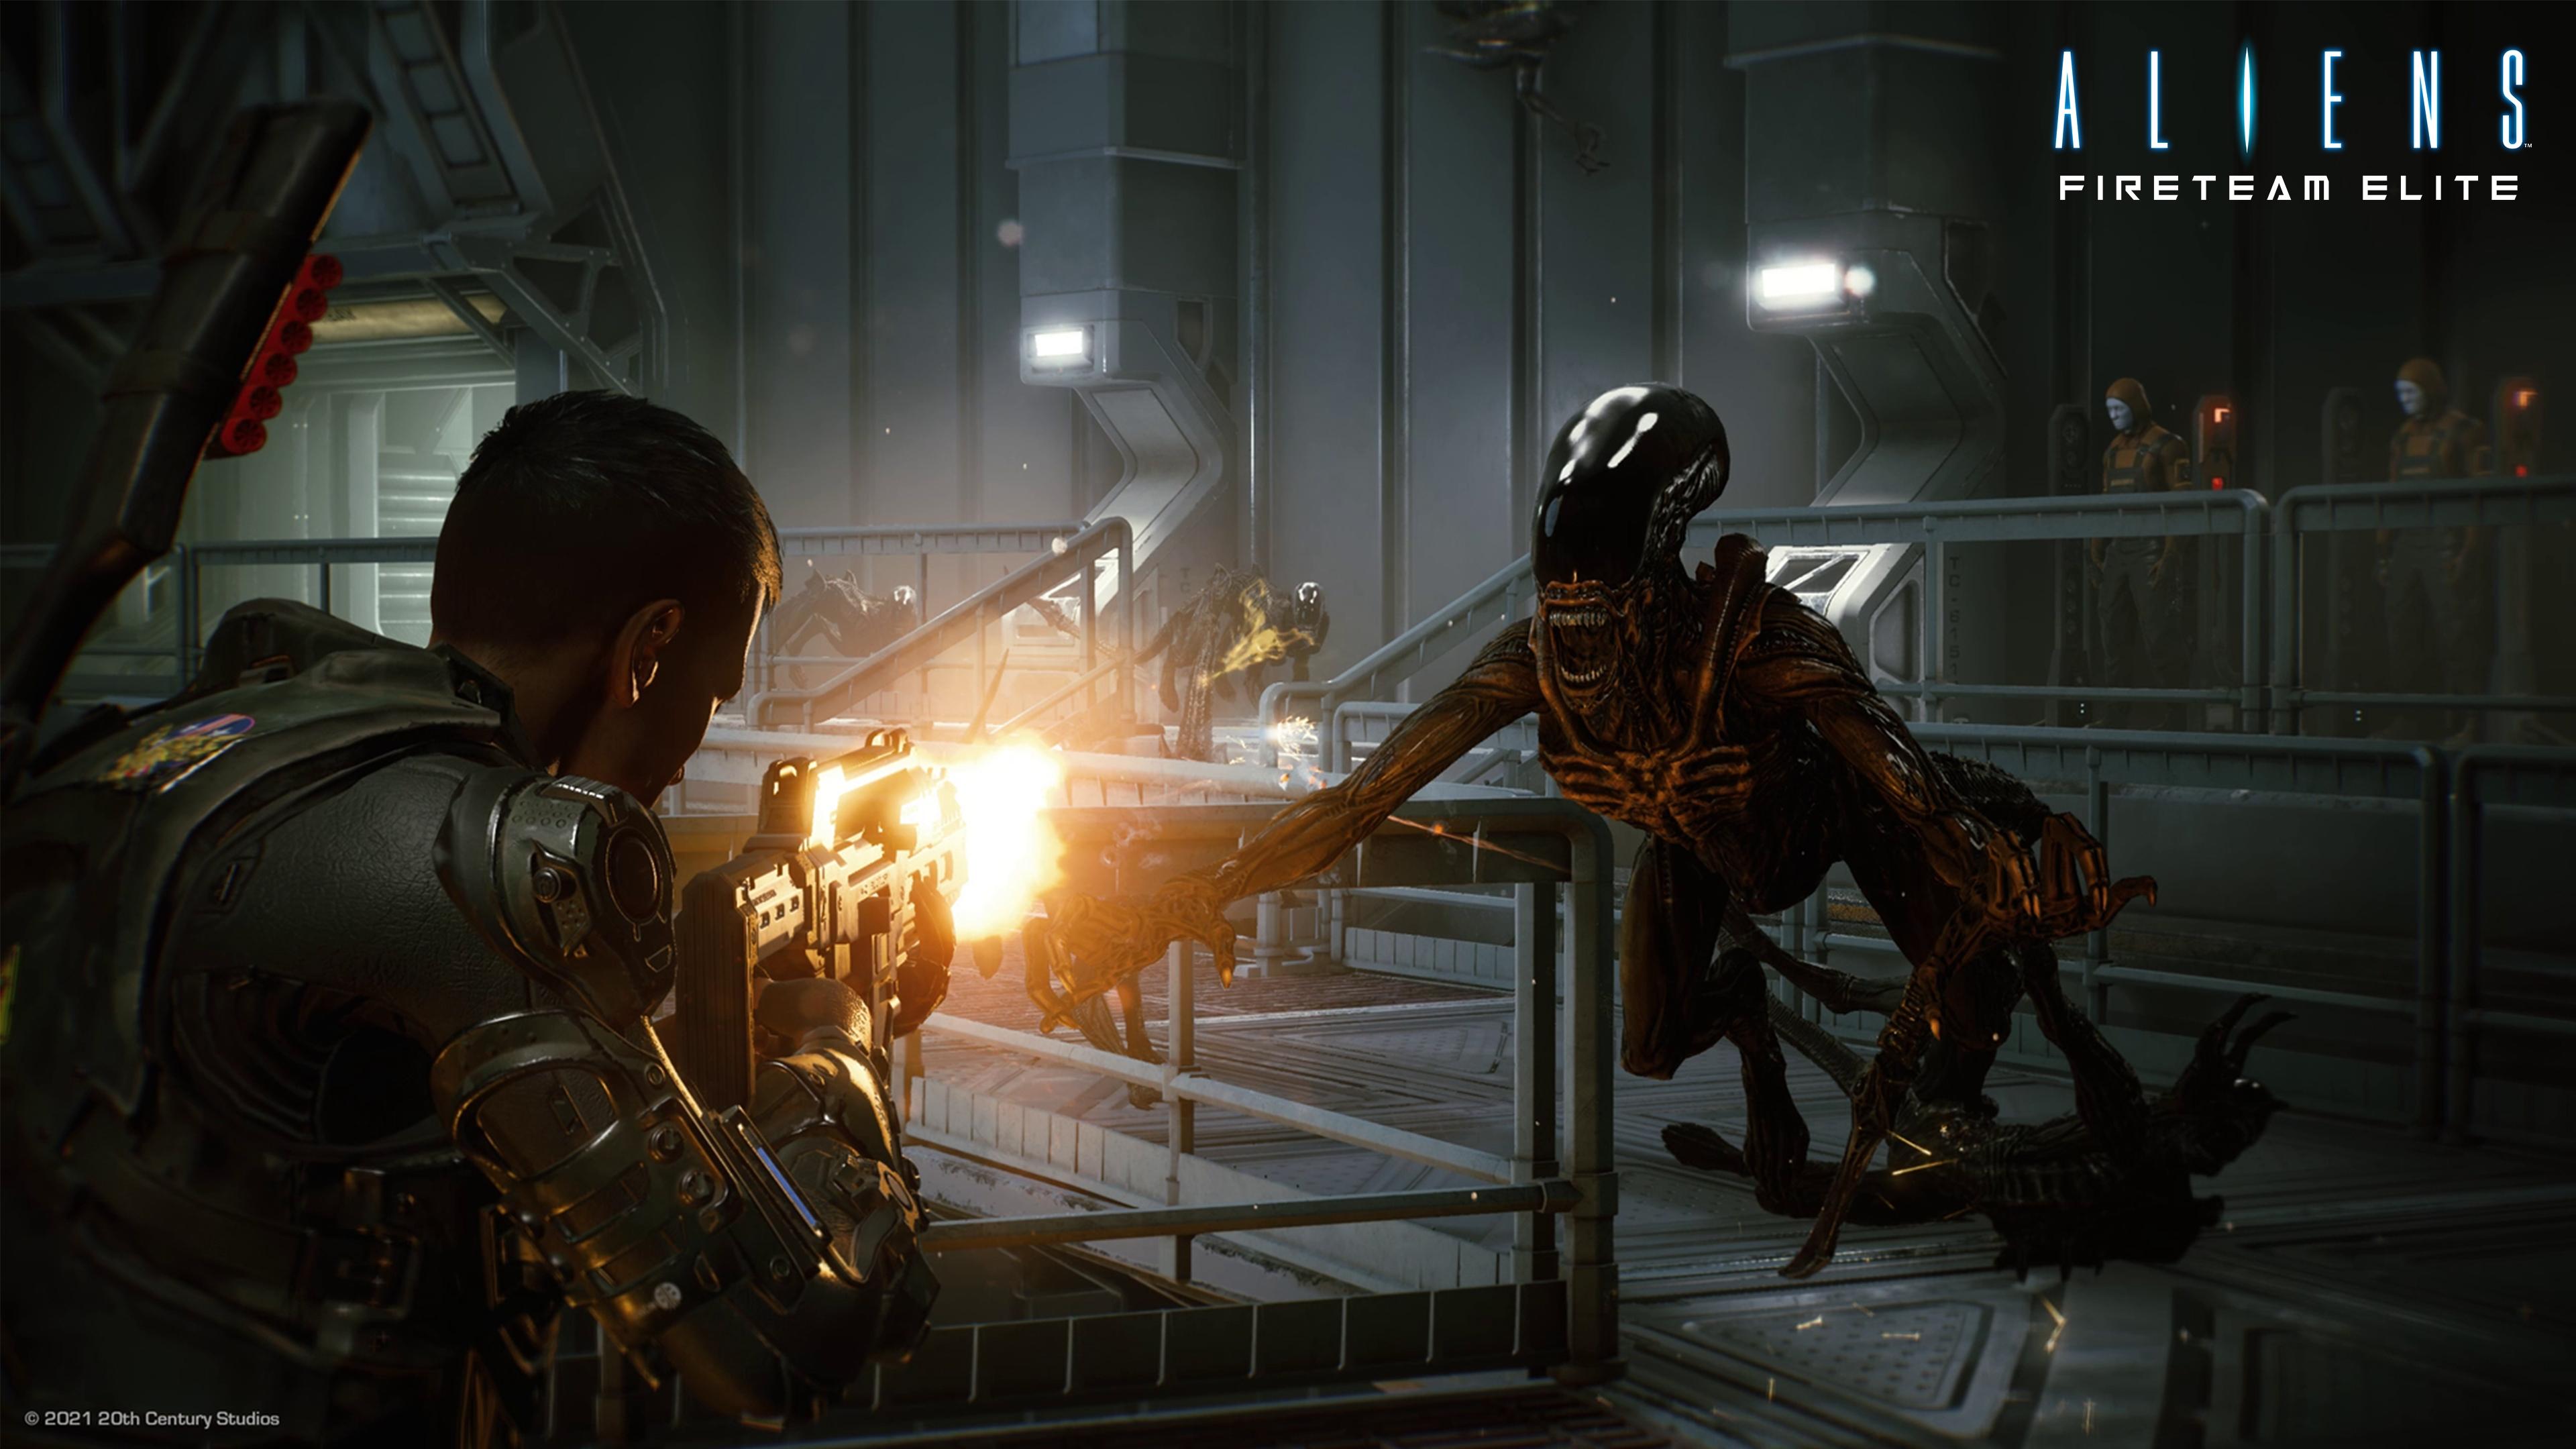 Aliens: Fireteam Elite - Deluxe Edition   APAC (dc61d6e2-8033-4453-9aa2-62d146702a88)